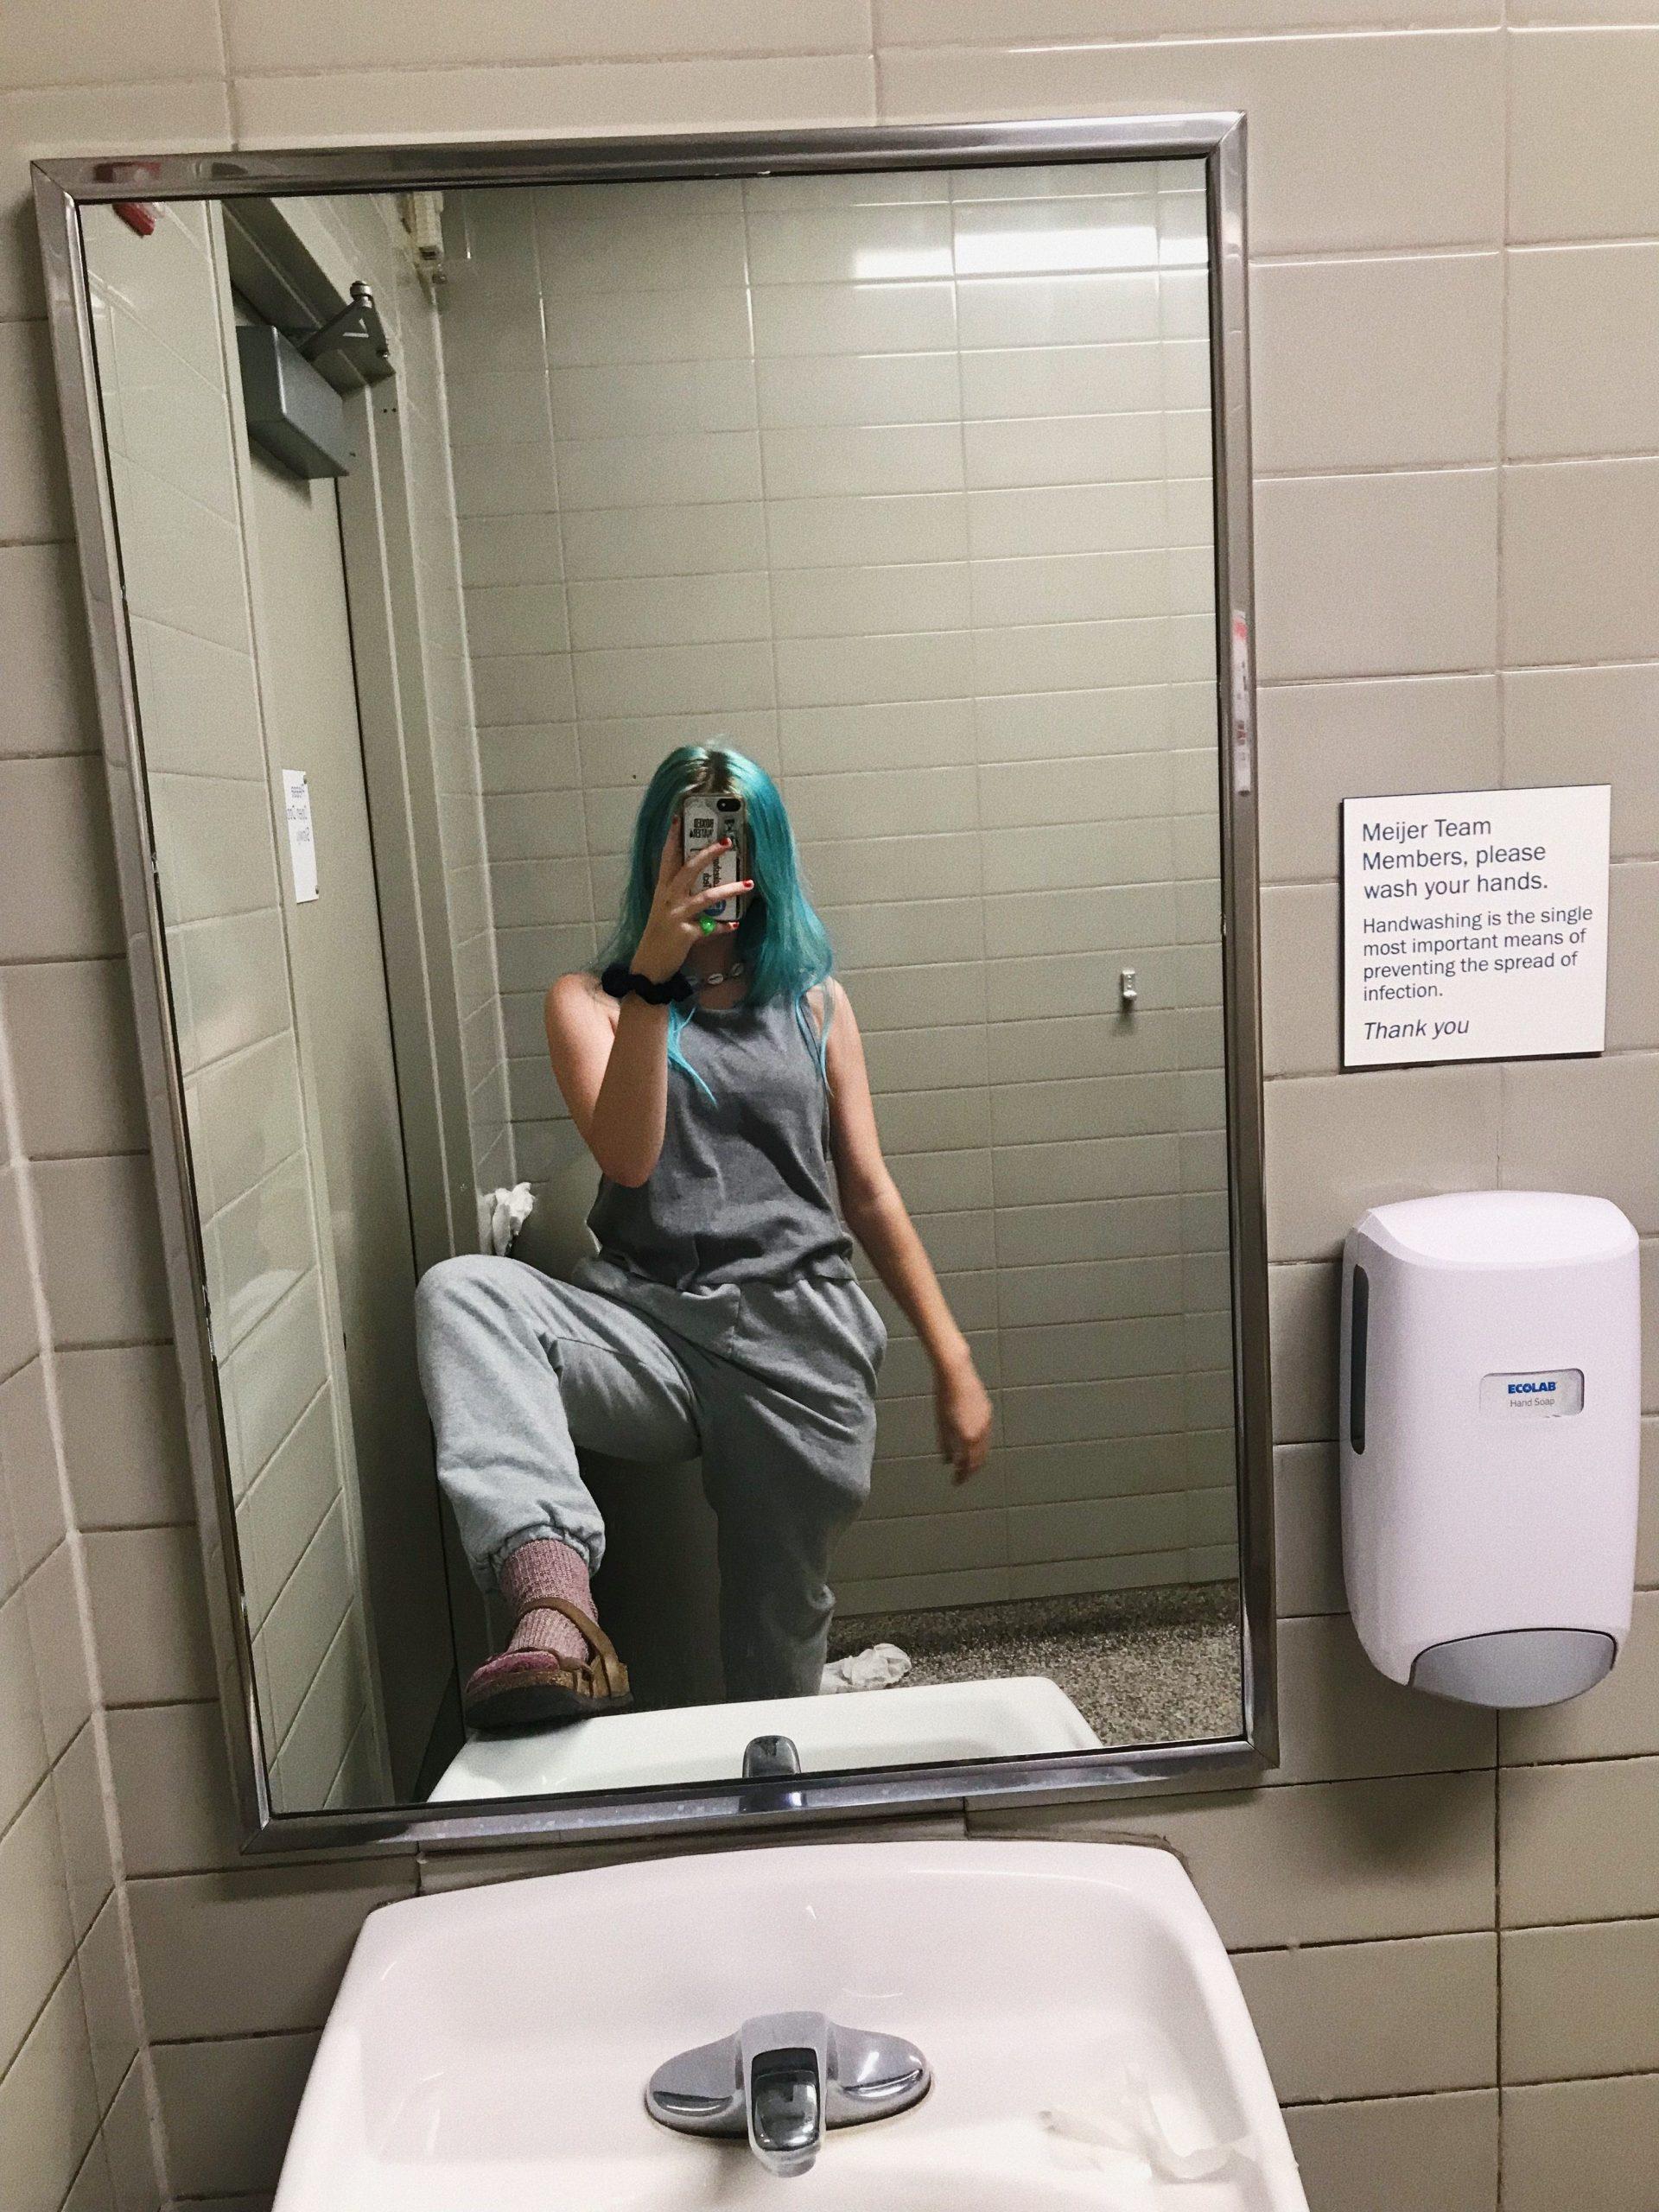 Gas Station Bathroom